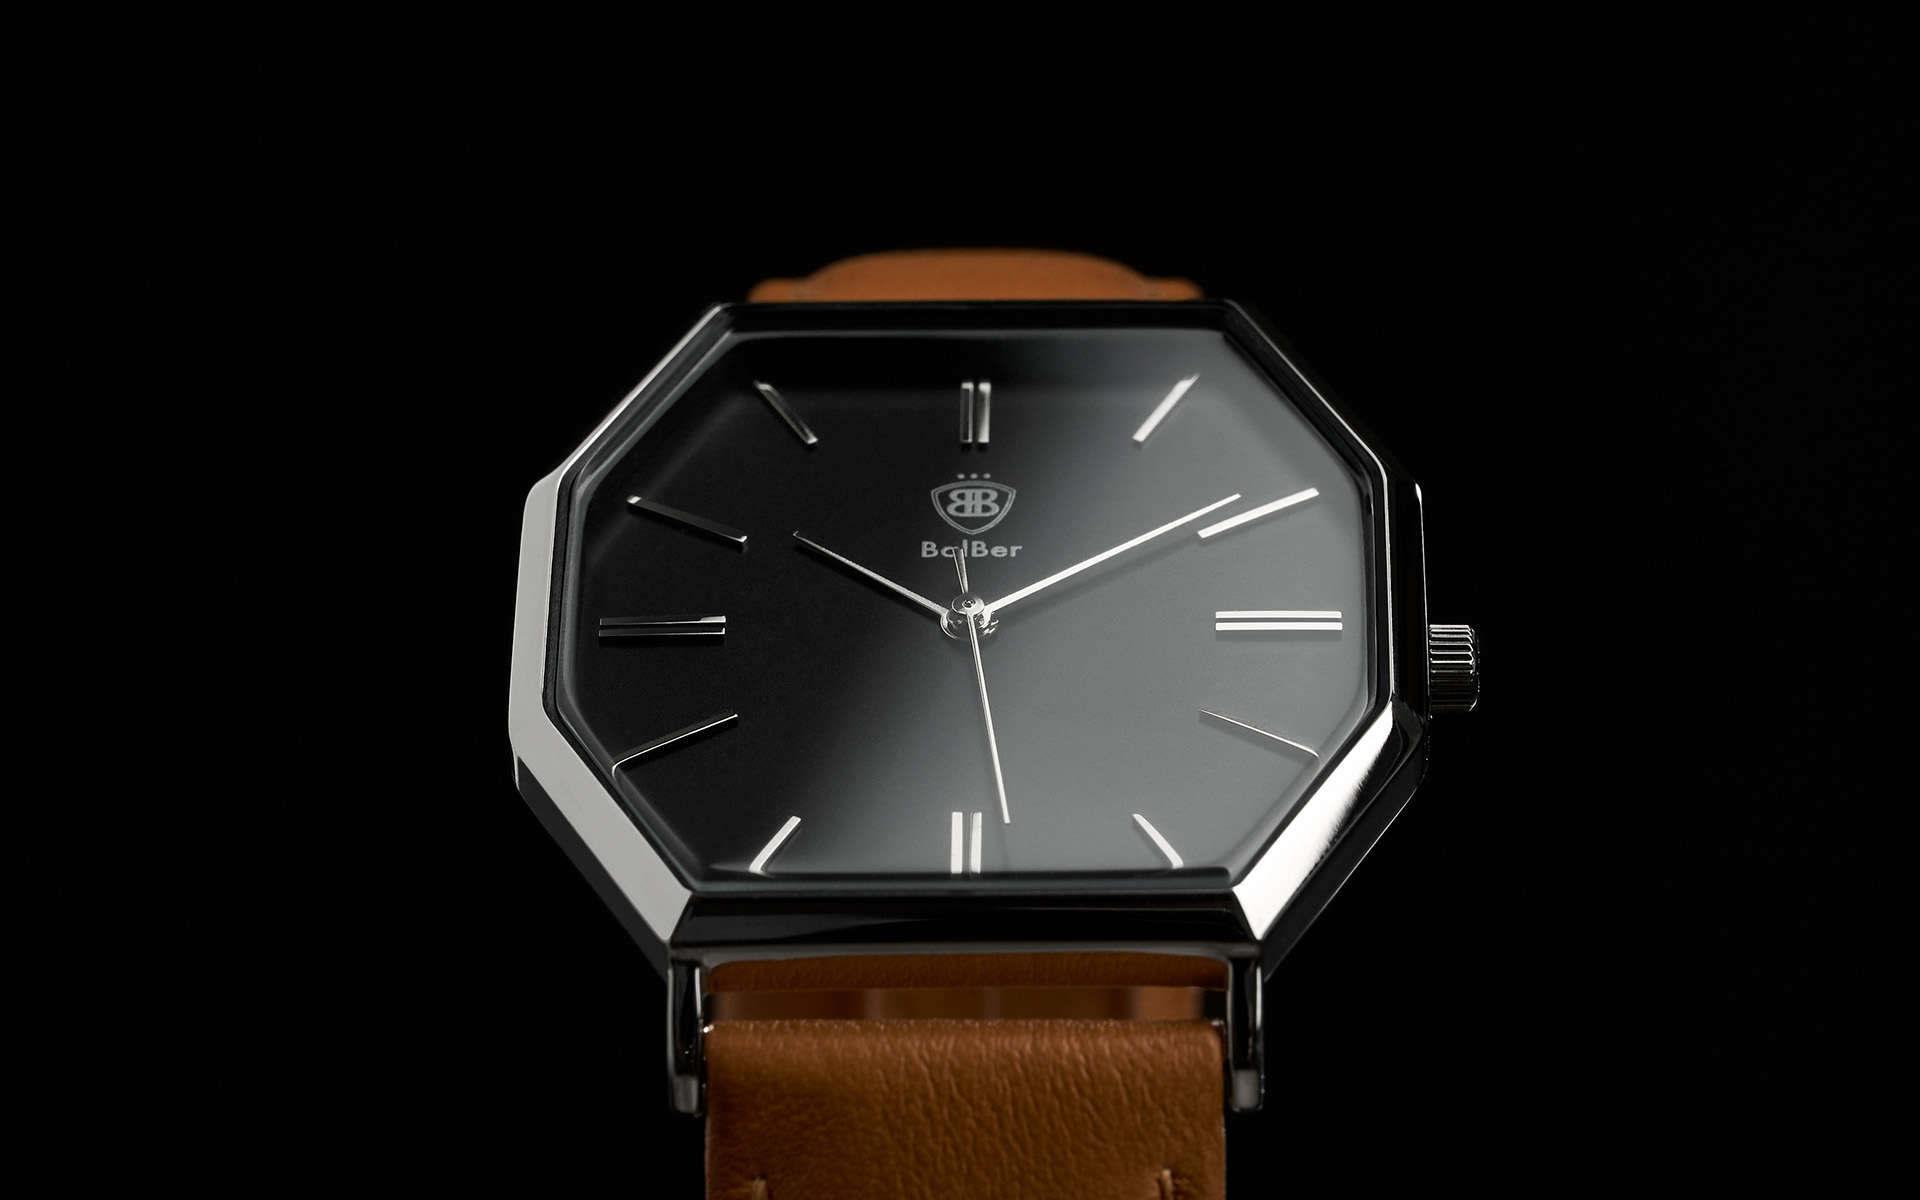 Fotografía de publicidad para la nueva campaña de la firma de relojes Balber.